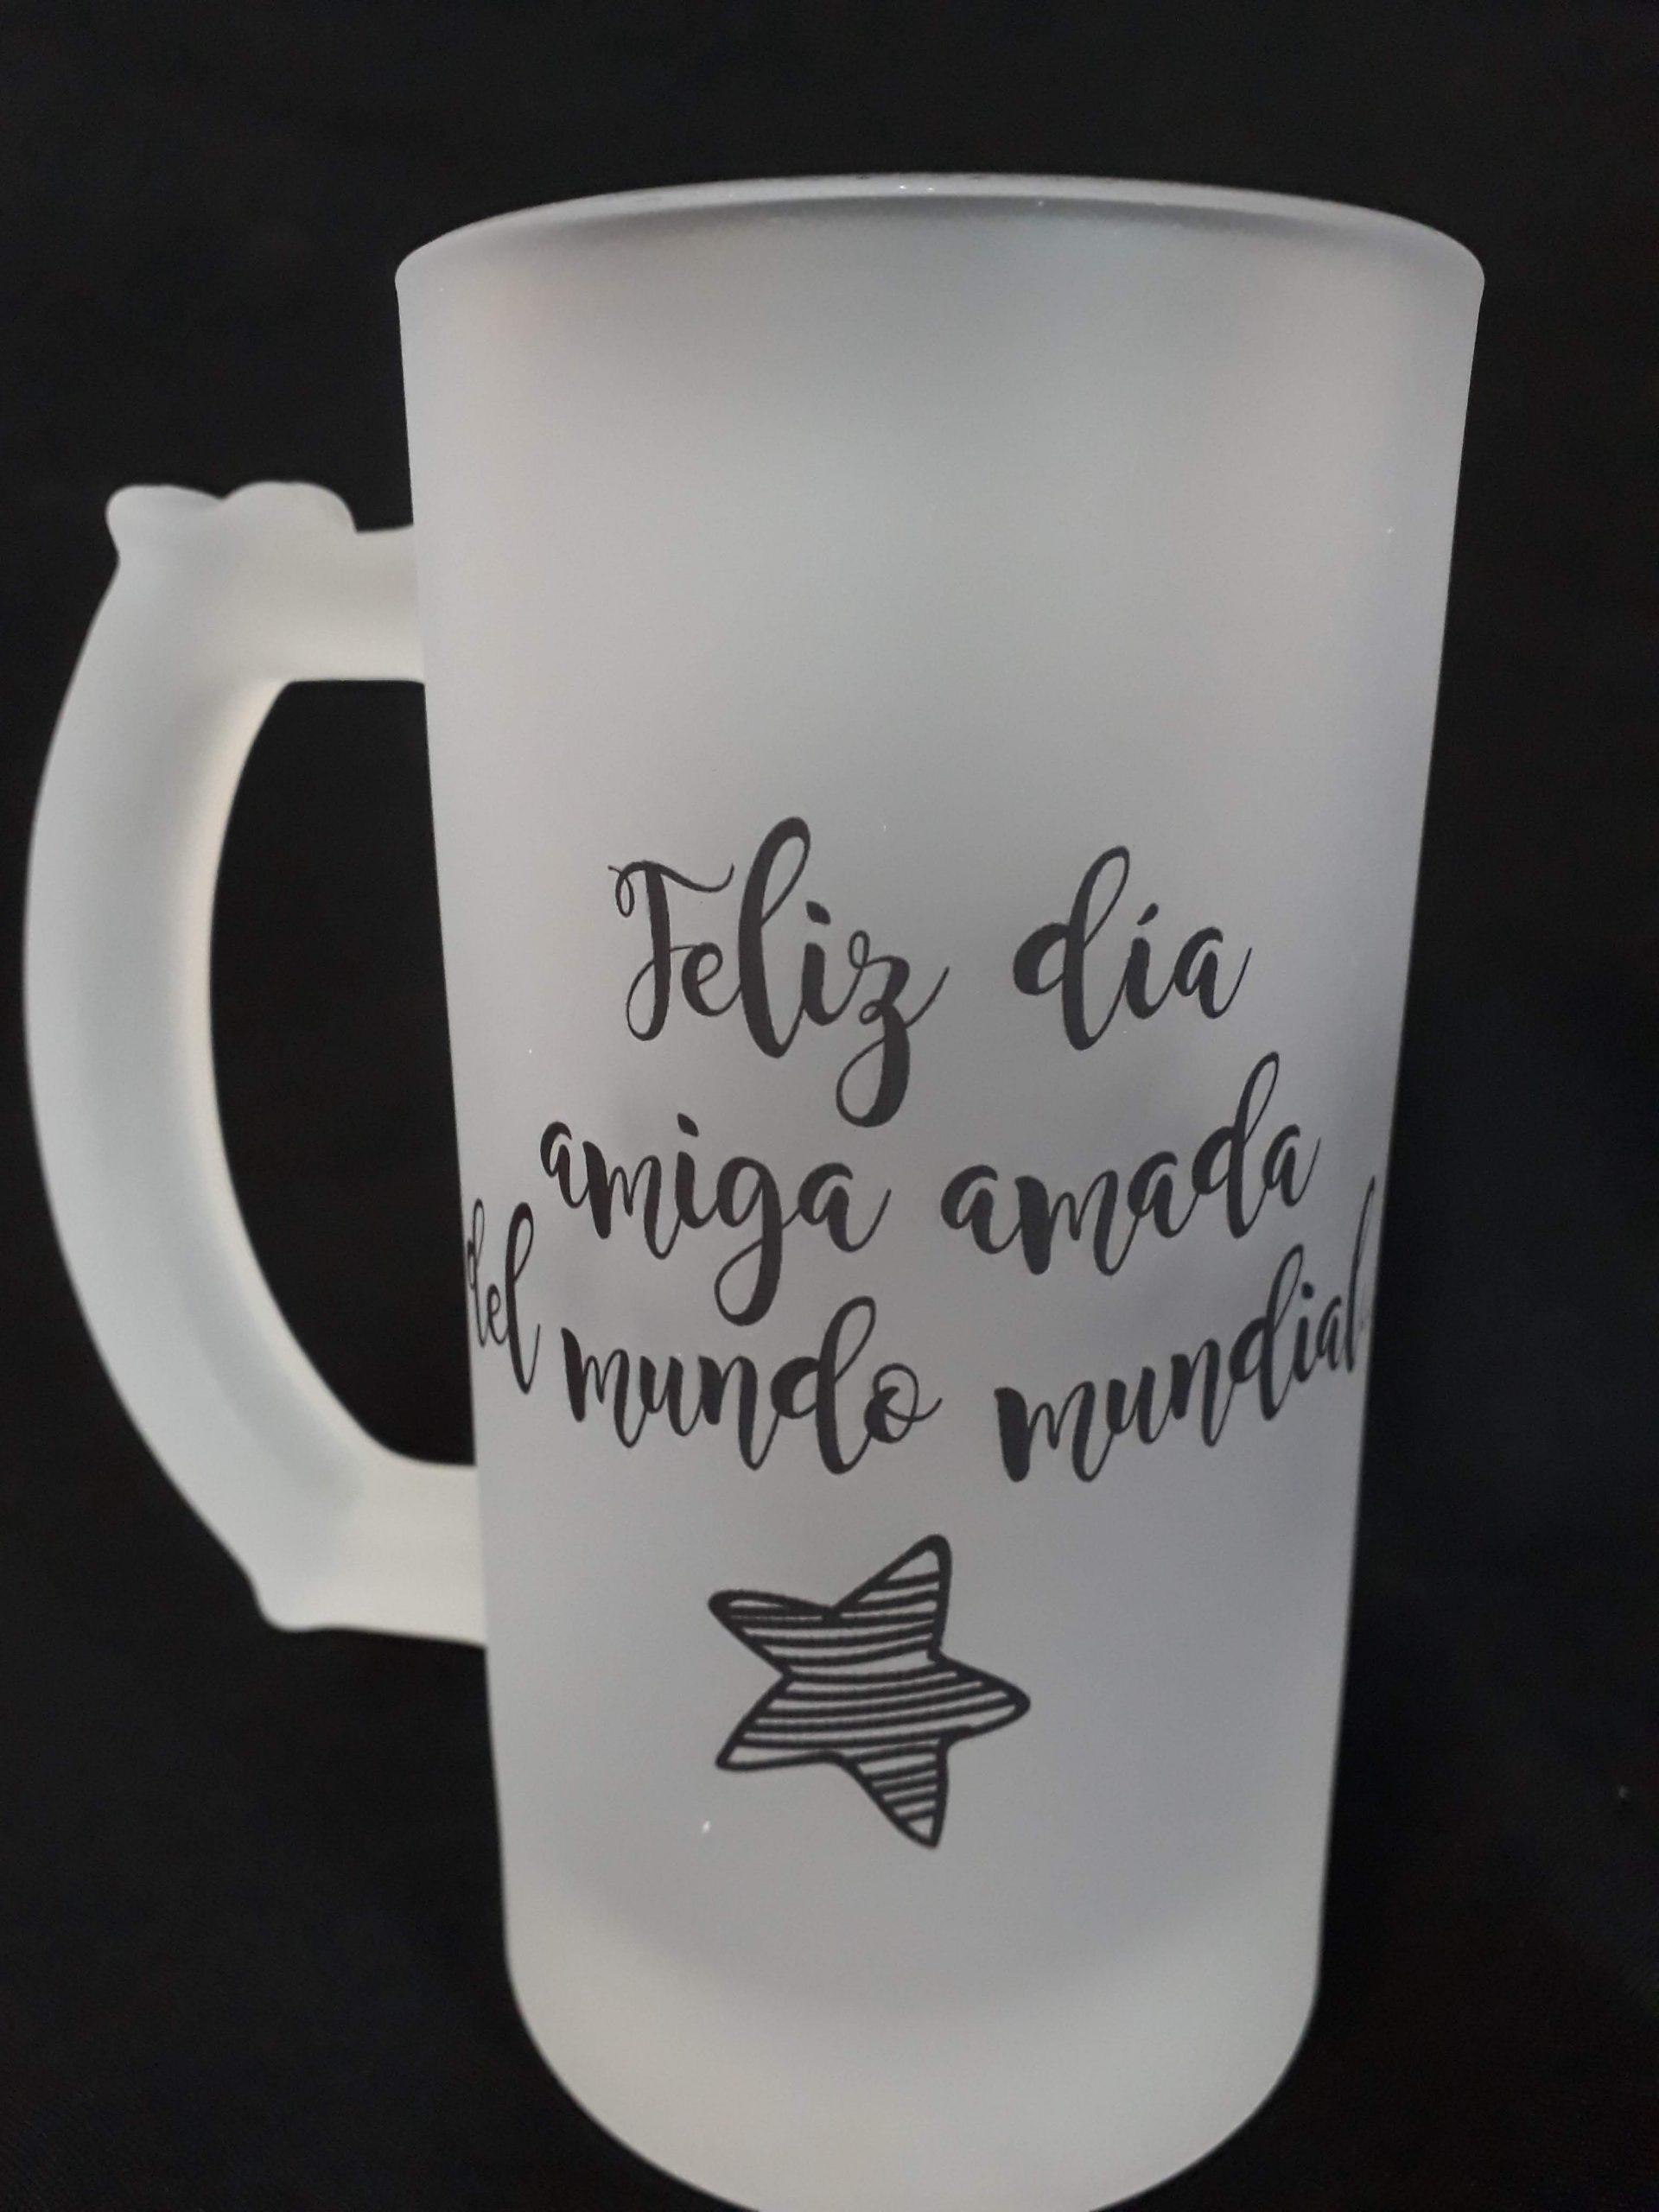 Día del amigo en Uruguay